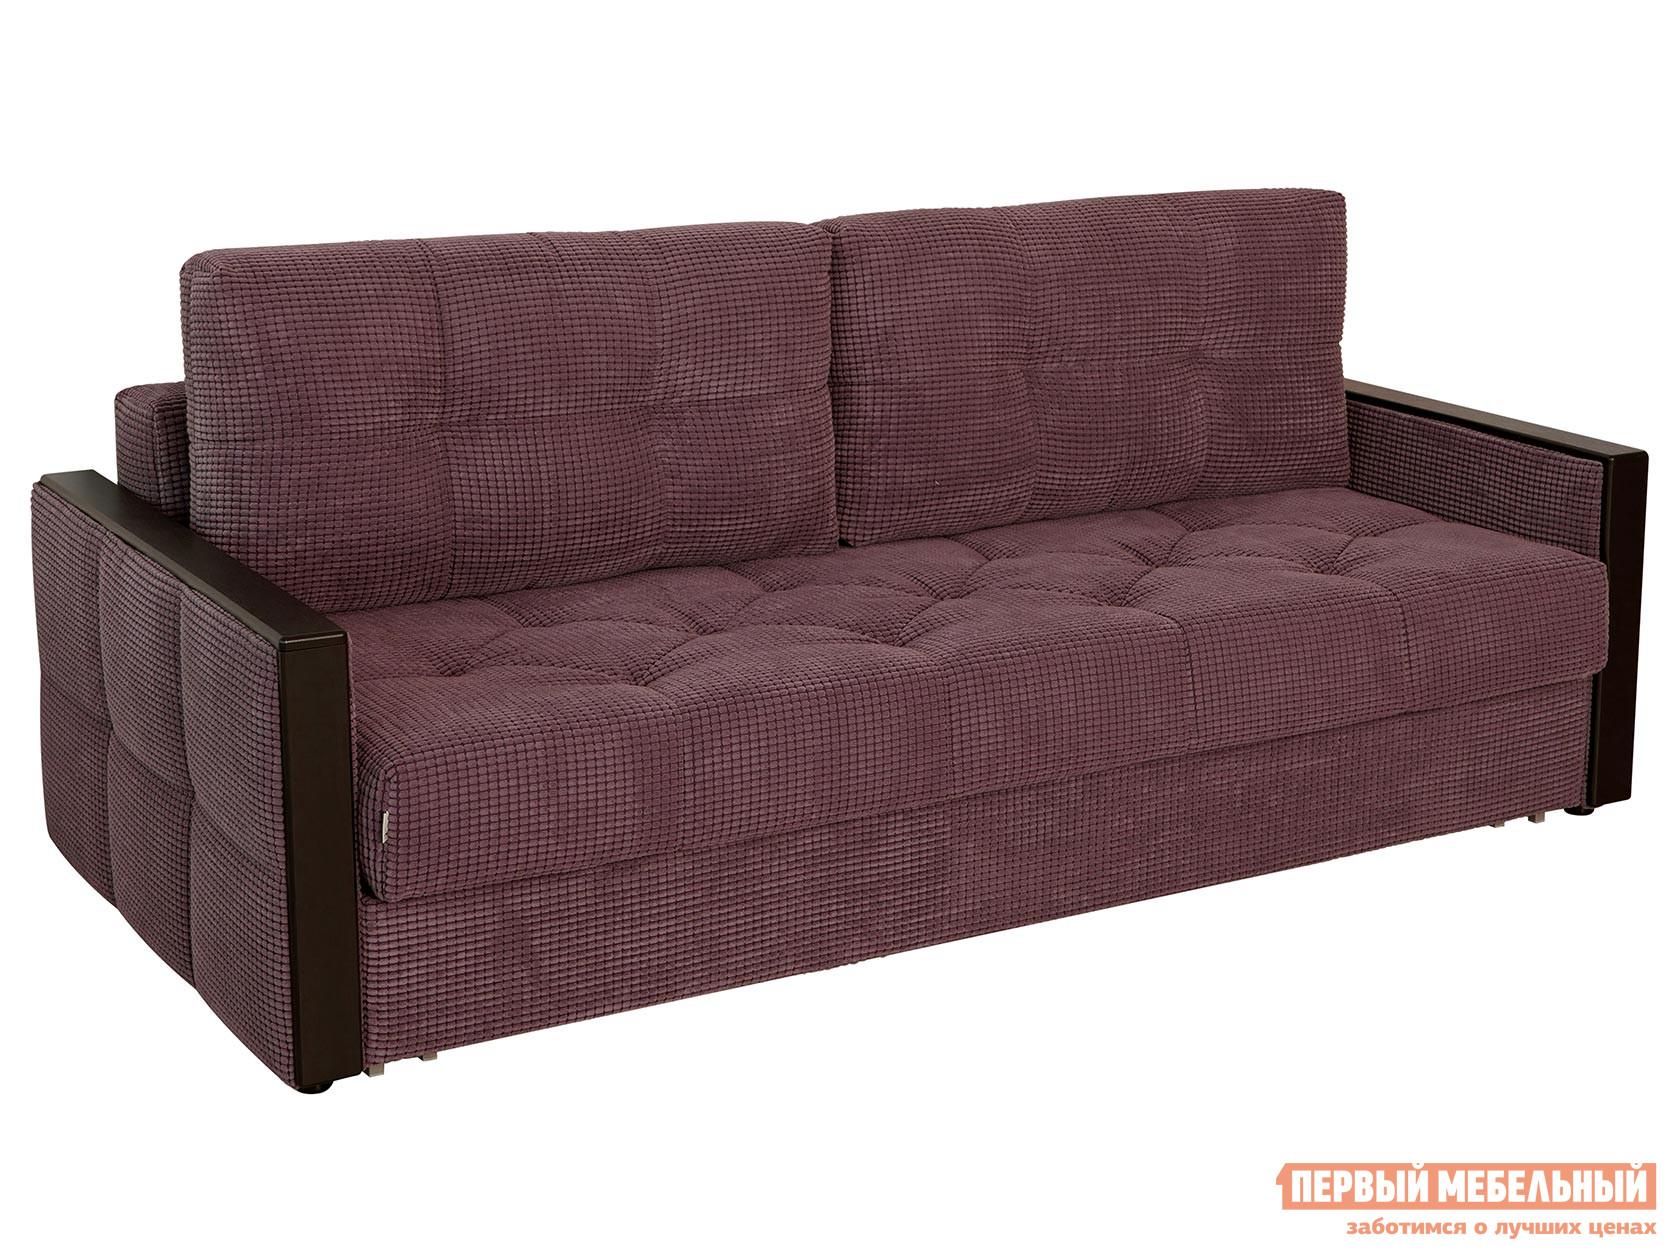 Прямой диван Первый Мебельный Диван Бруклин Люкс